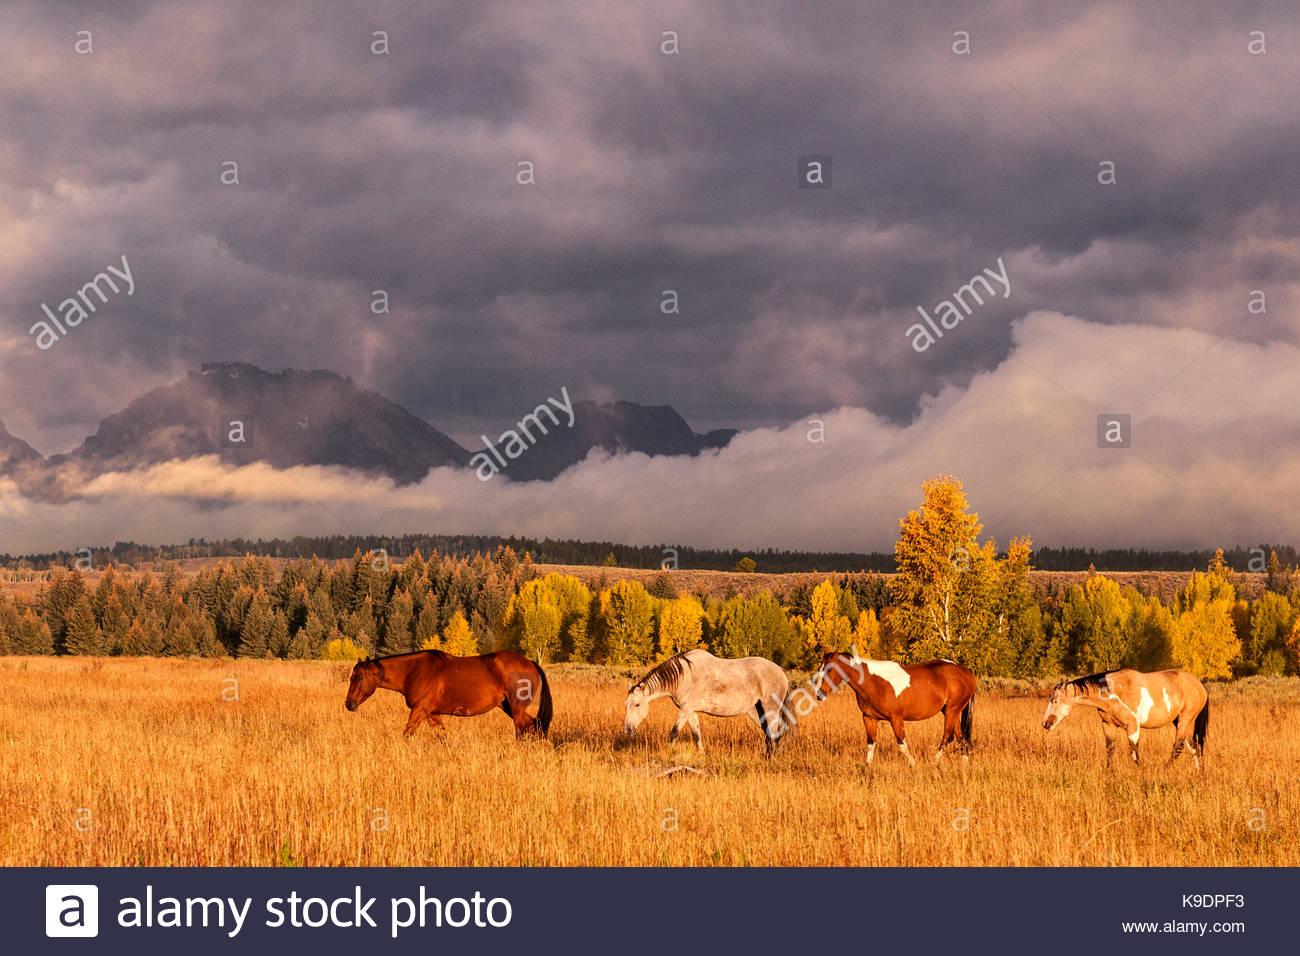 Four Horses, Teton National Forest, Wyoming - Stock Image